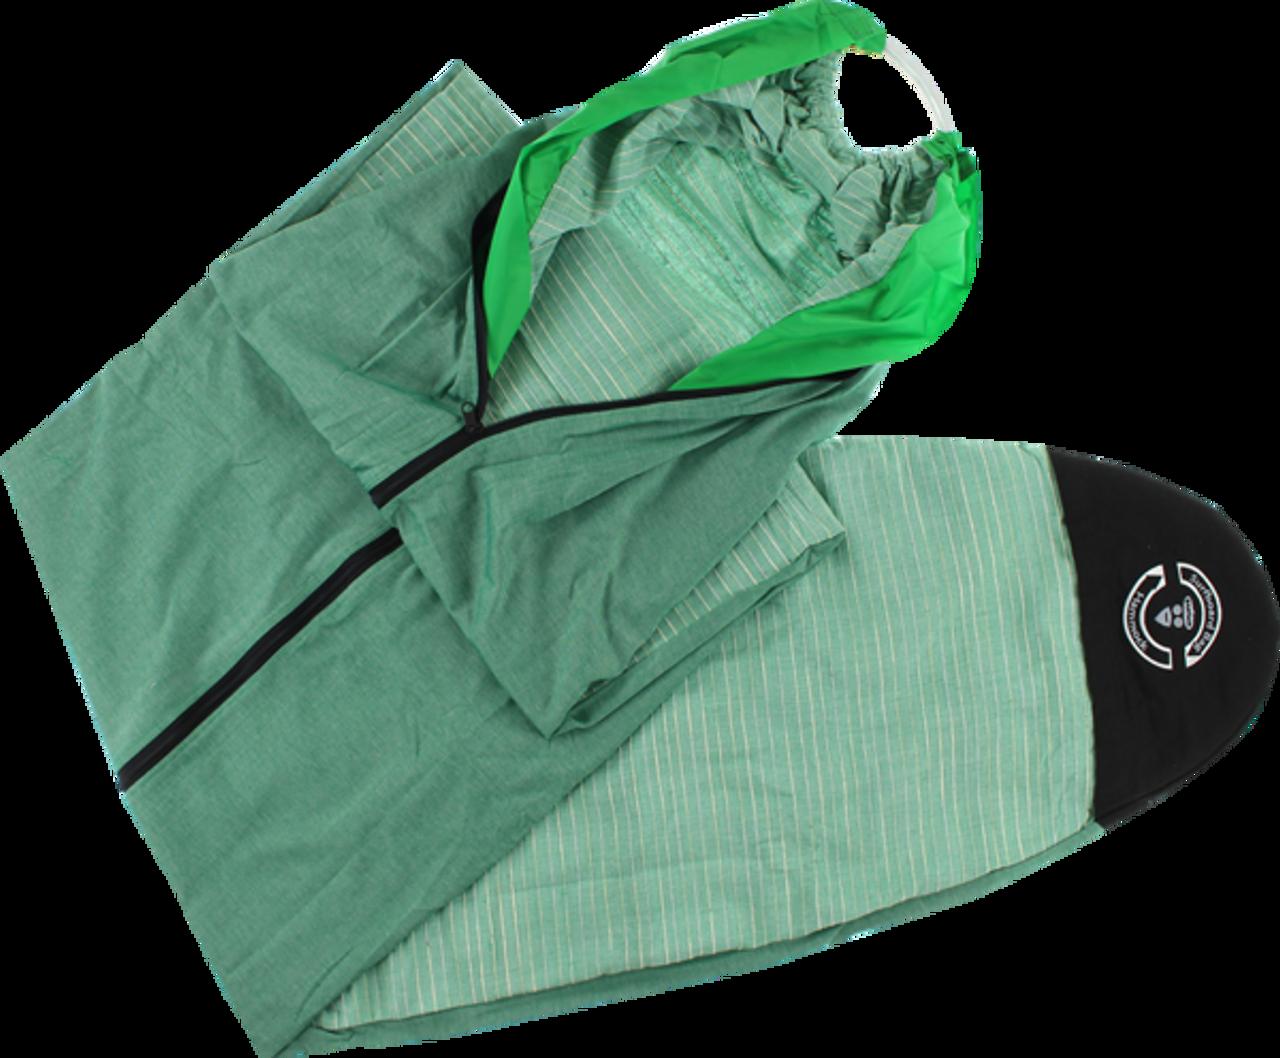 Surfboard Bag and Travel Hammock